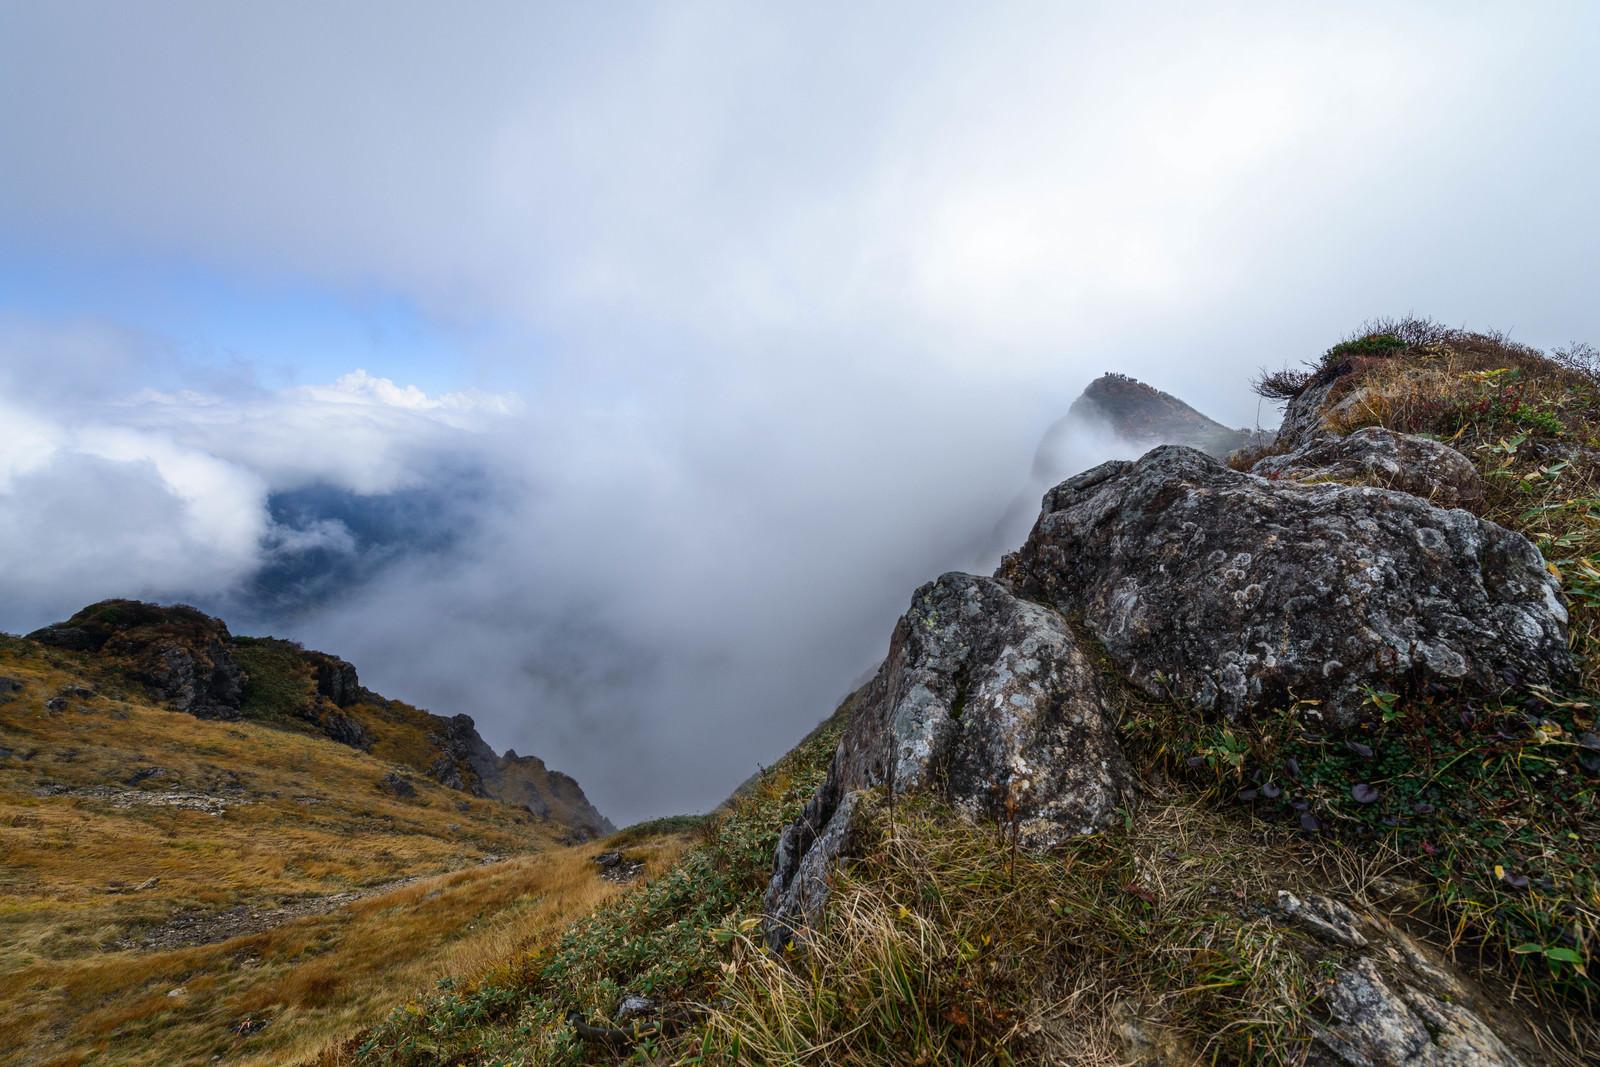 「山頂に登るも雲で景観を遮られる」の写真